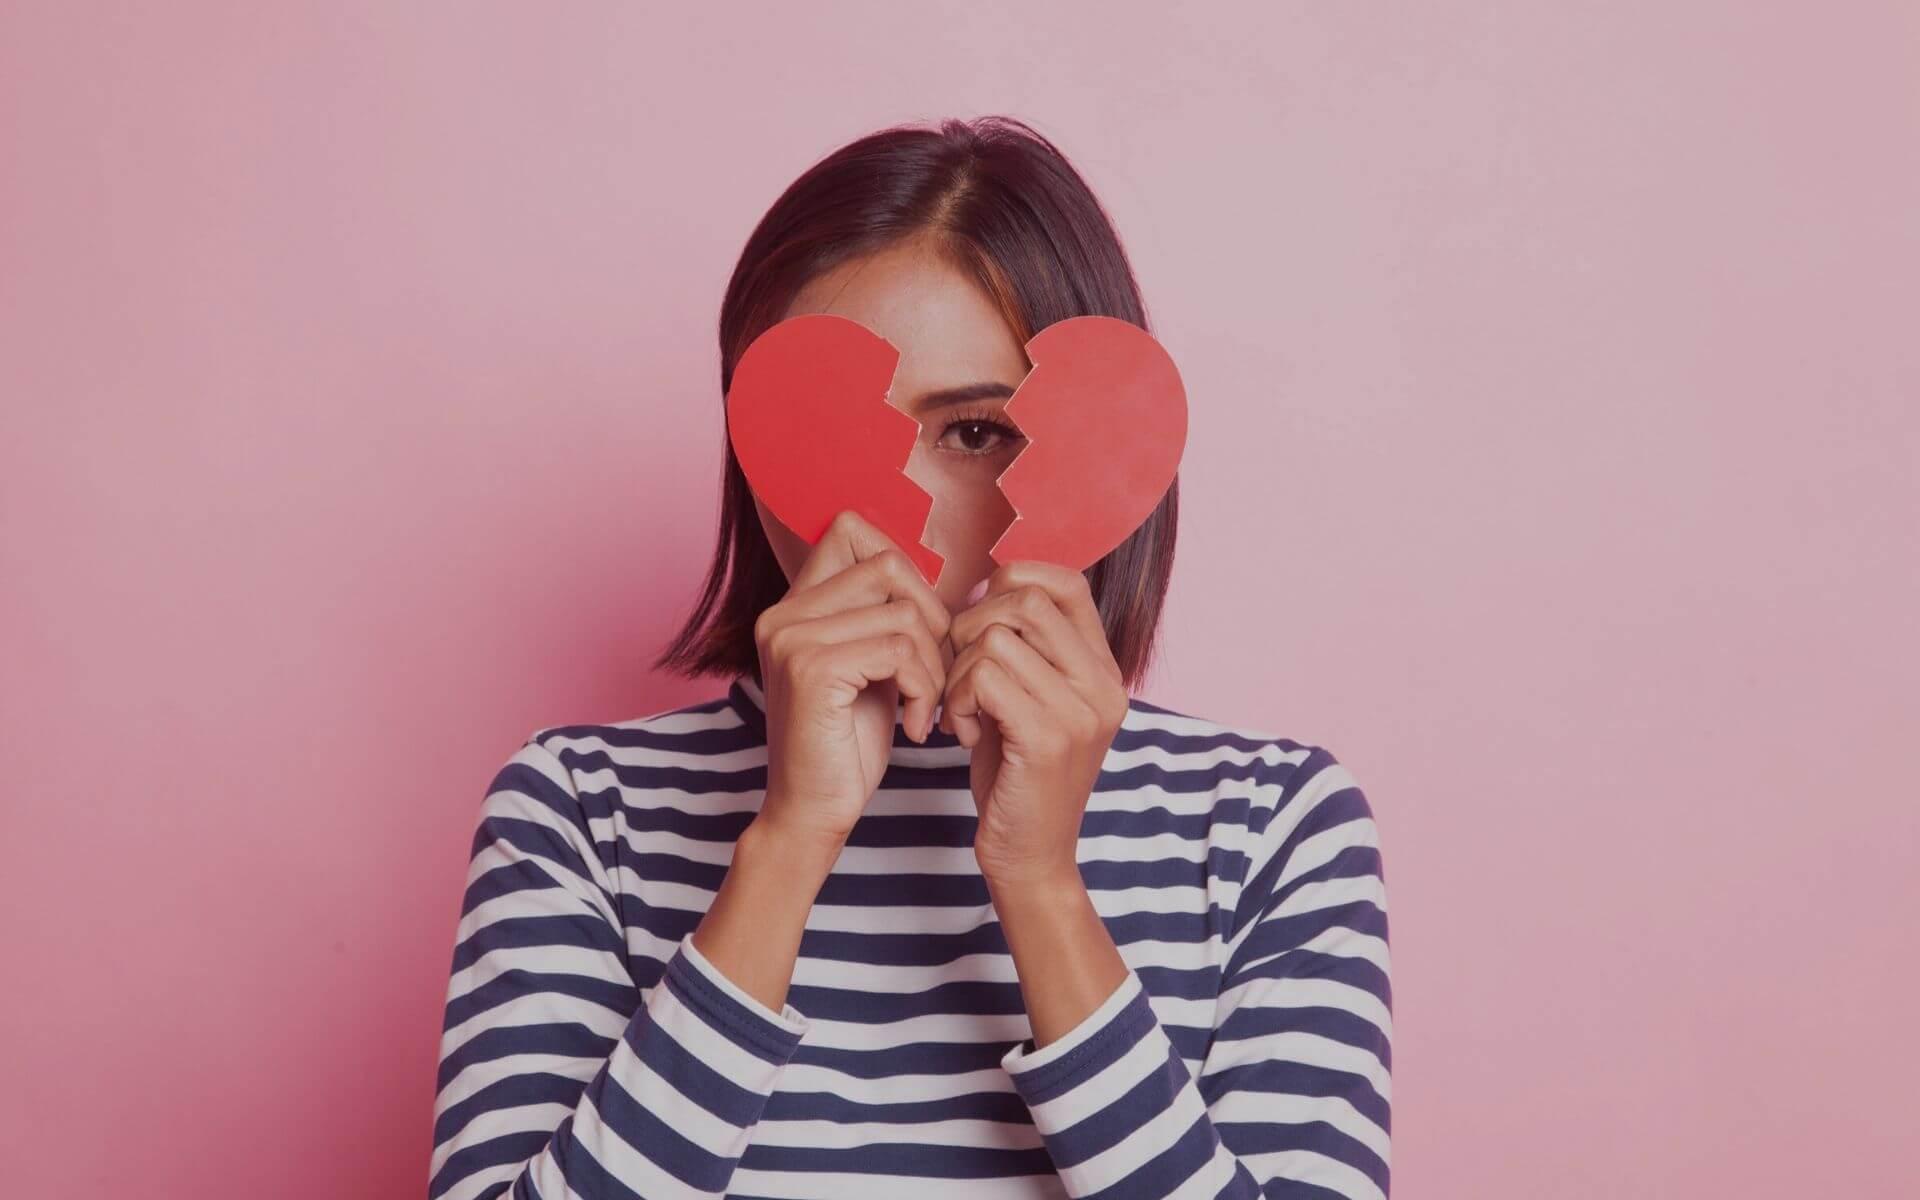 Gebrochenes Herz: 5 Tipps, um wieder lieben zu können